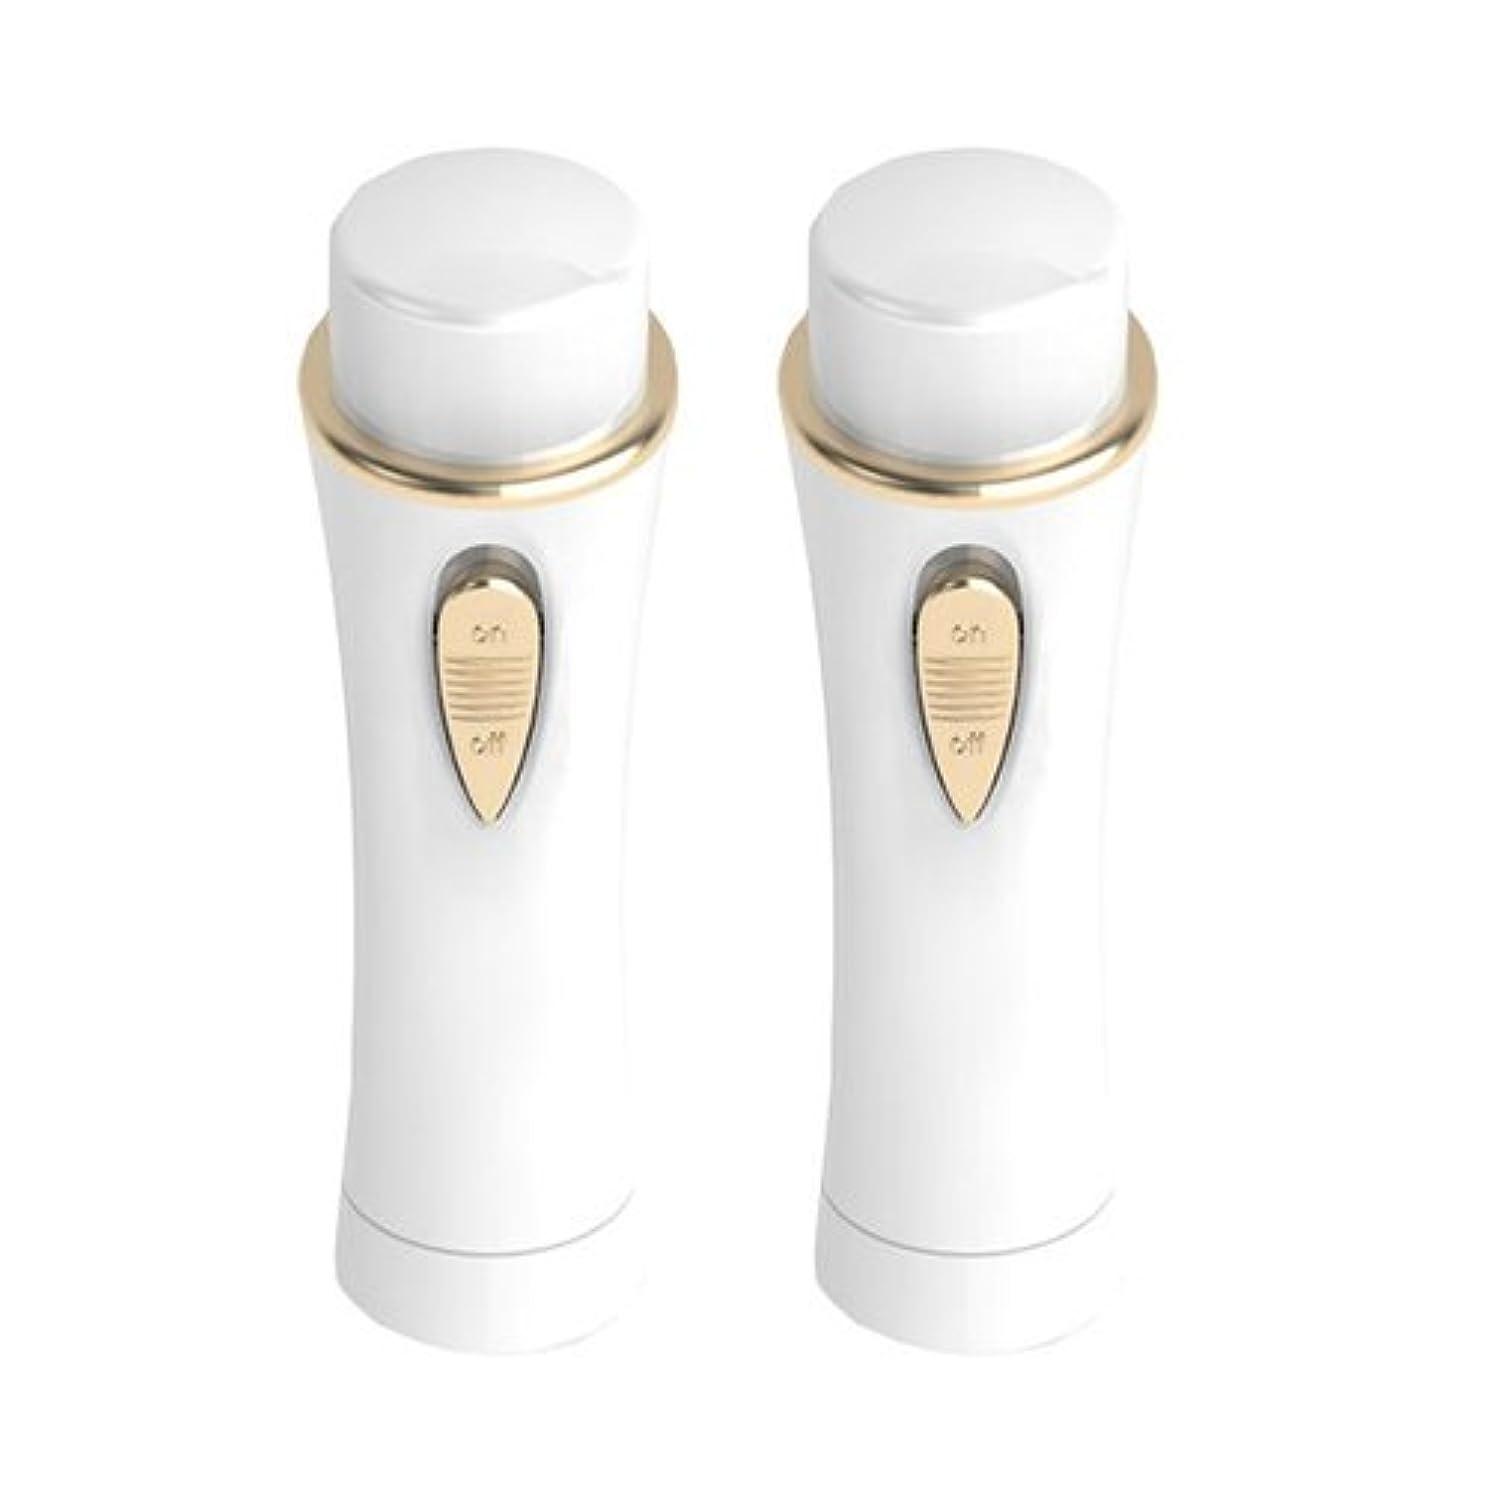 前述の独裁魅惑的なOMNI シェーバー mini ノヘア Light Plus 【同色2本セット】 ホワイト